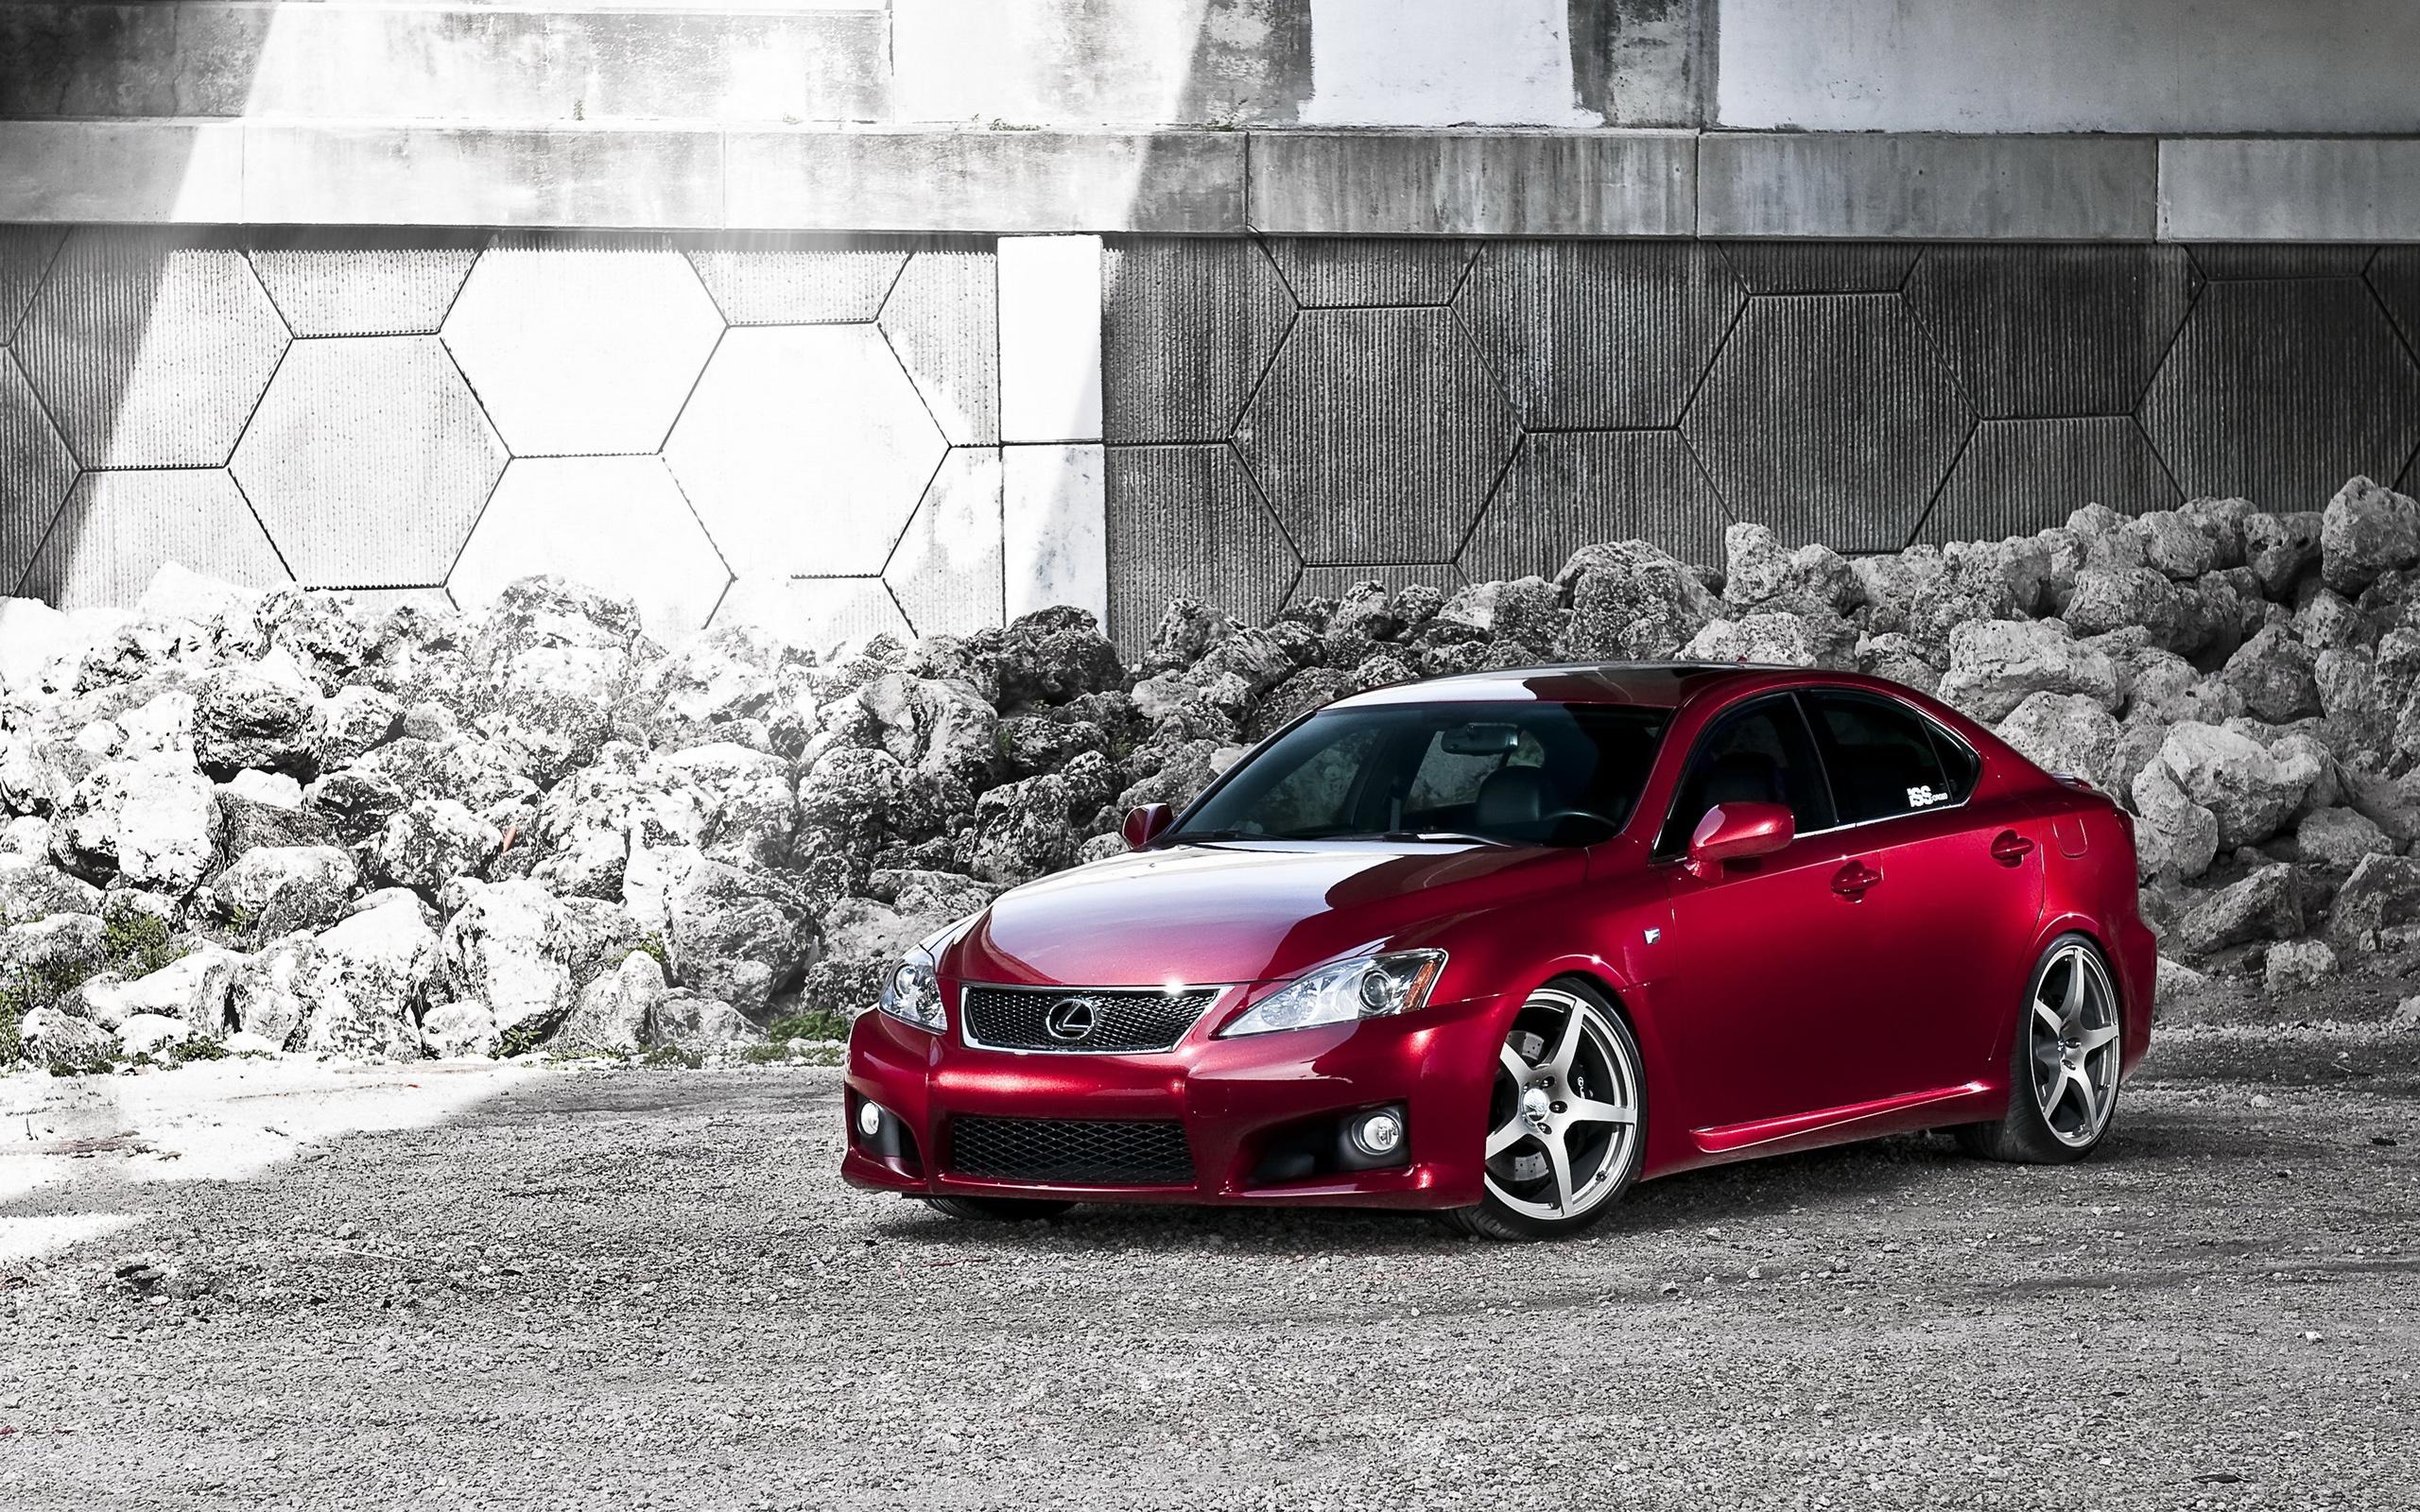 автомобиль красный car red бесплатно